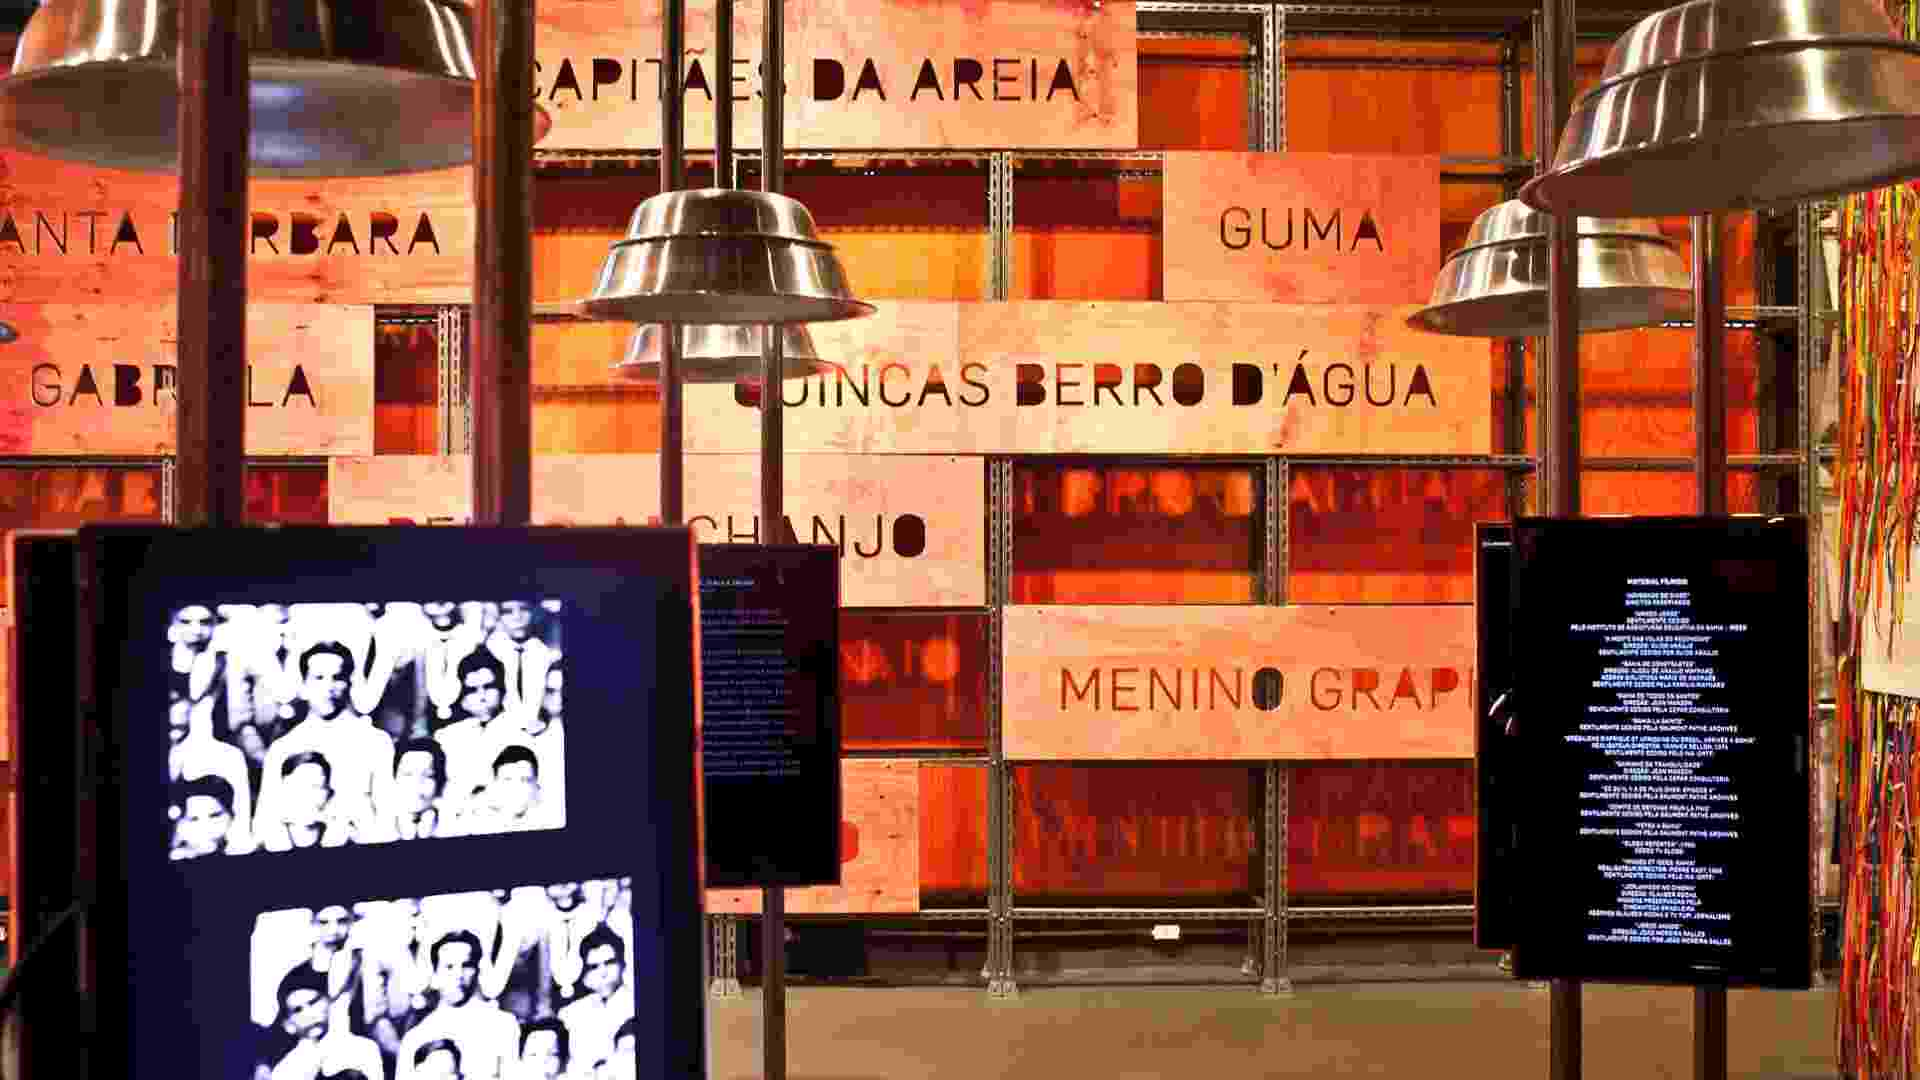 Mais nomes de personagens de Jorge Amado são escritos em madeirite em exposição no Museu da Língua Portuguesa - Lucas Lima/UOL